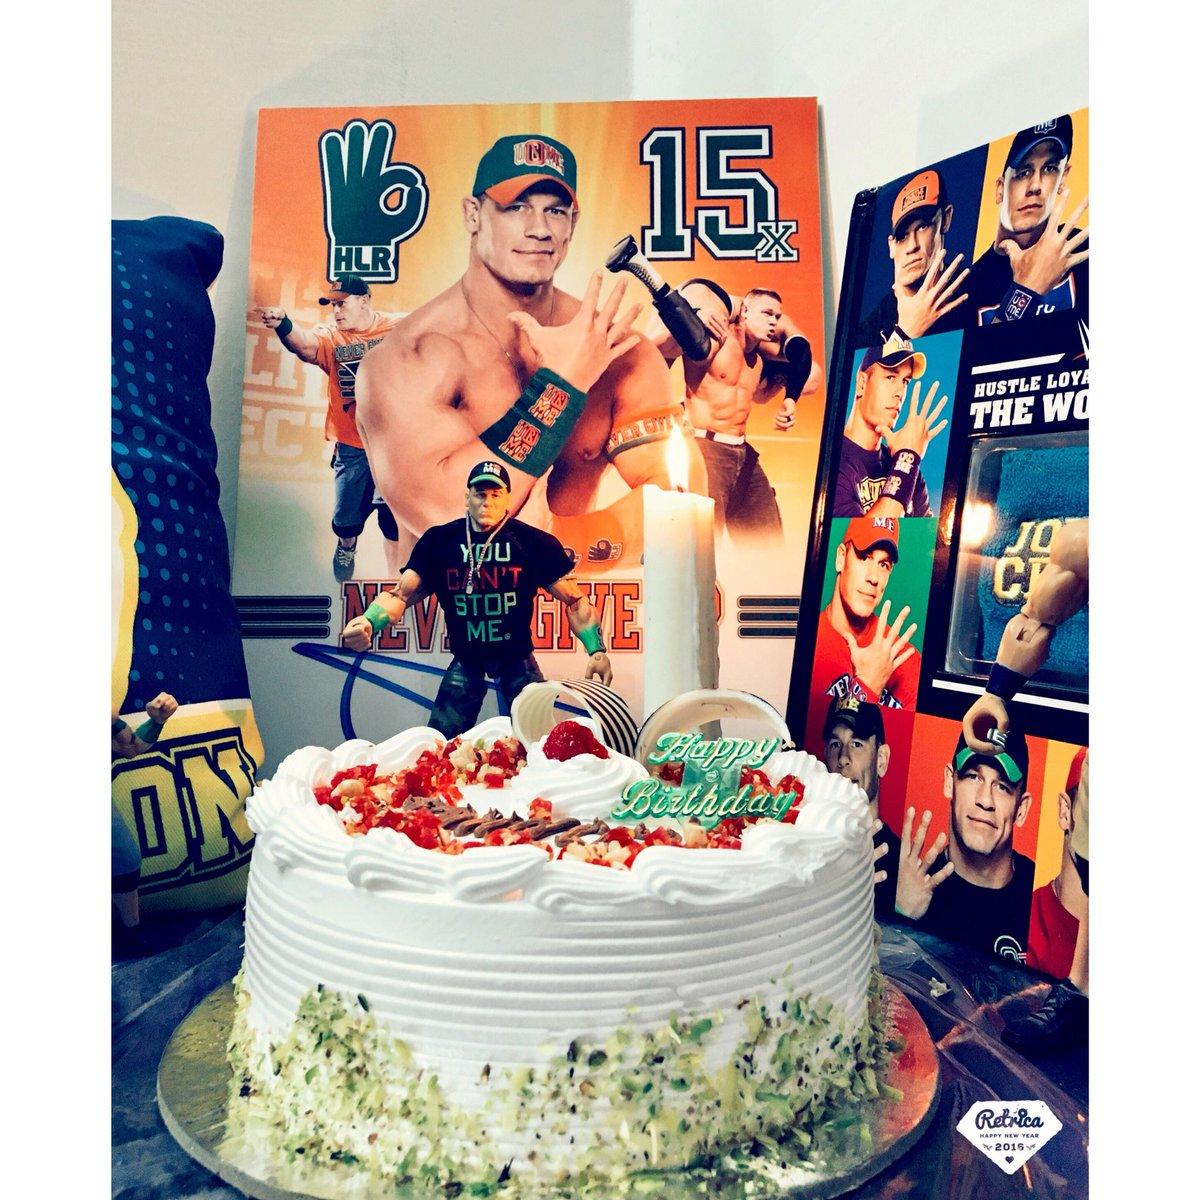 Mehul Cena On Twitter Birthday Celebration Johncena Jabrafan Happybirthdayjohncena Happybirthdaycena 41yearsstrong Cenation Hlr Nevergiveup Earntheday Https T Co Oagxng0av5